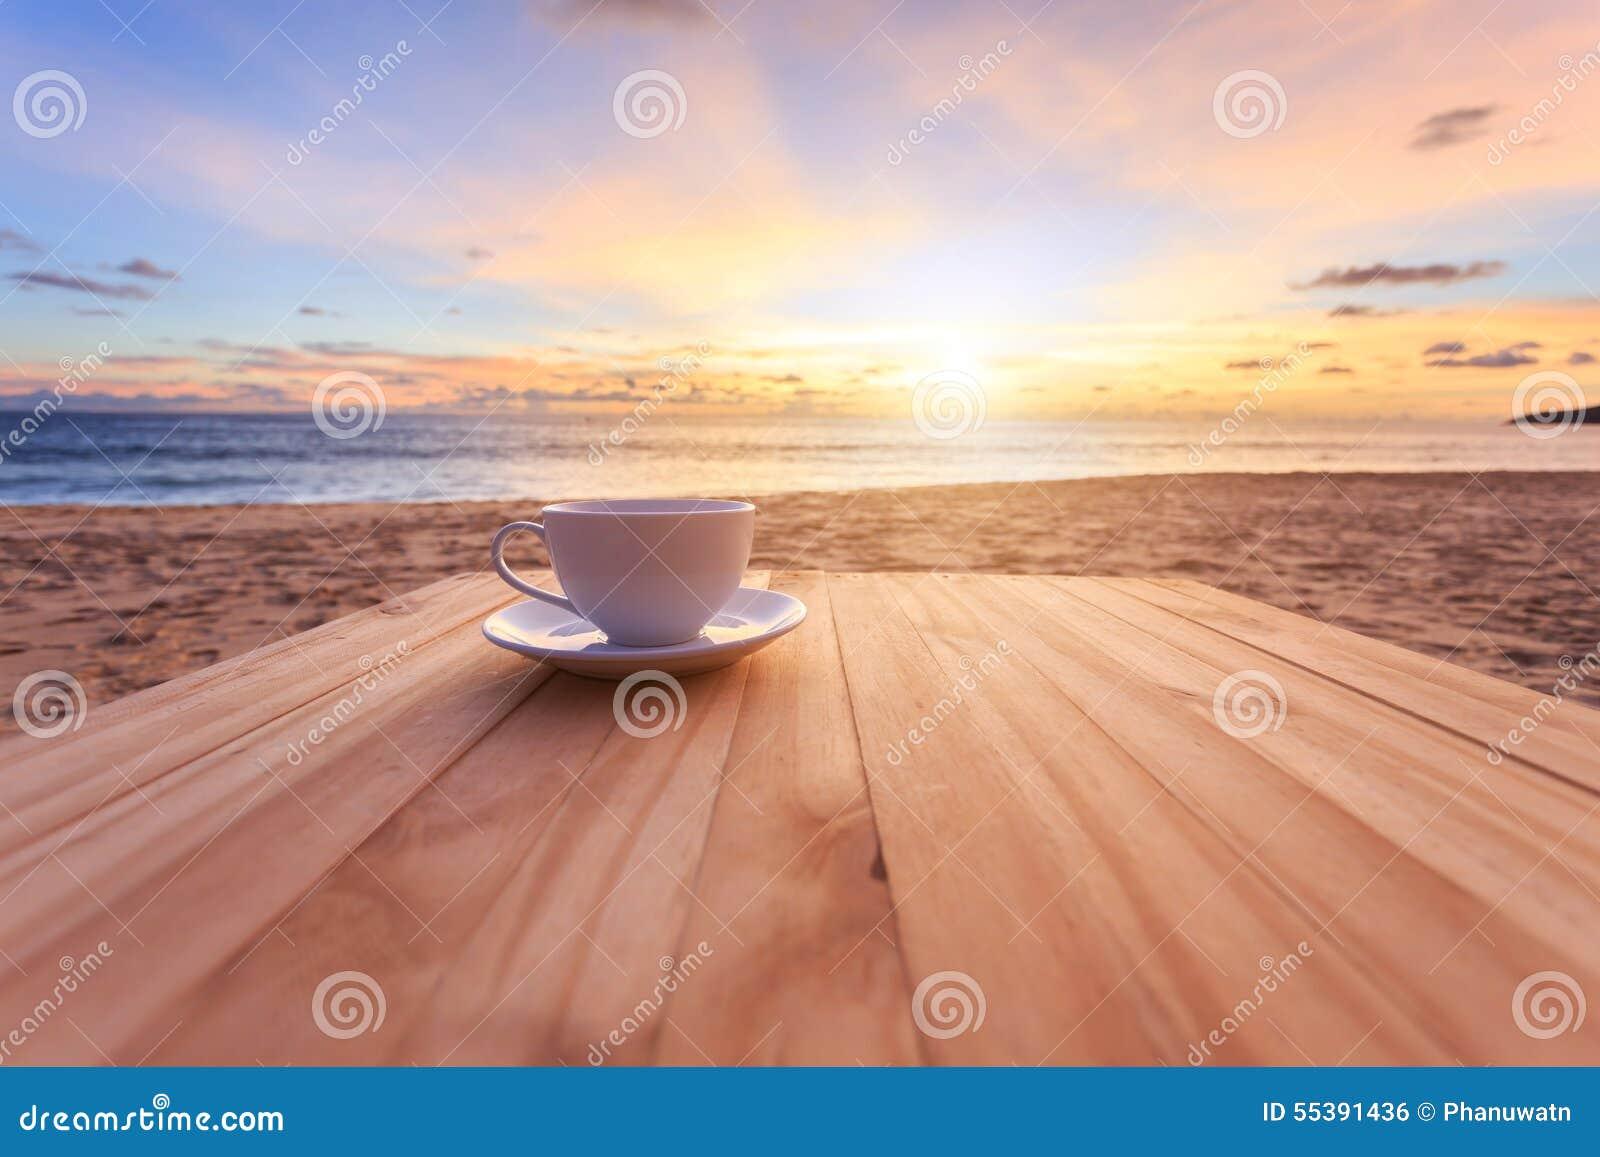 Taza de café en la tabla de madera en la puesta del sol o la playa de la salida del sol